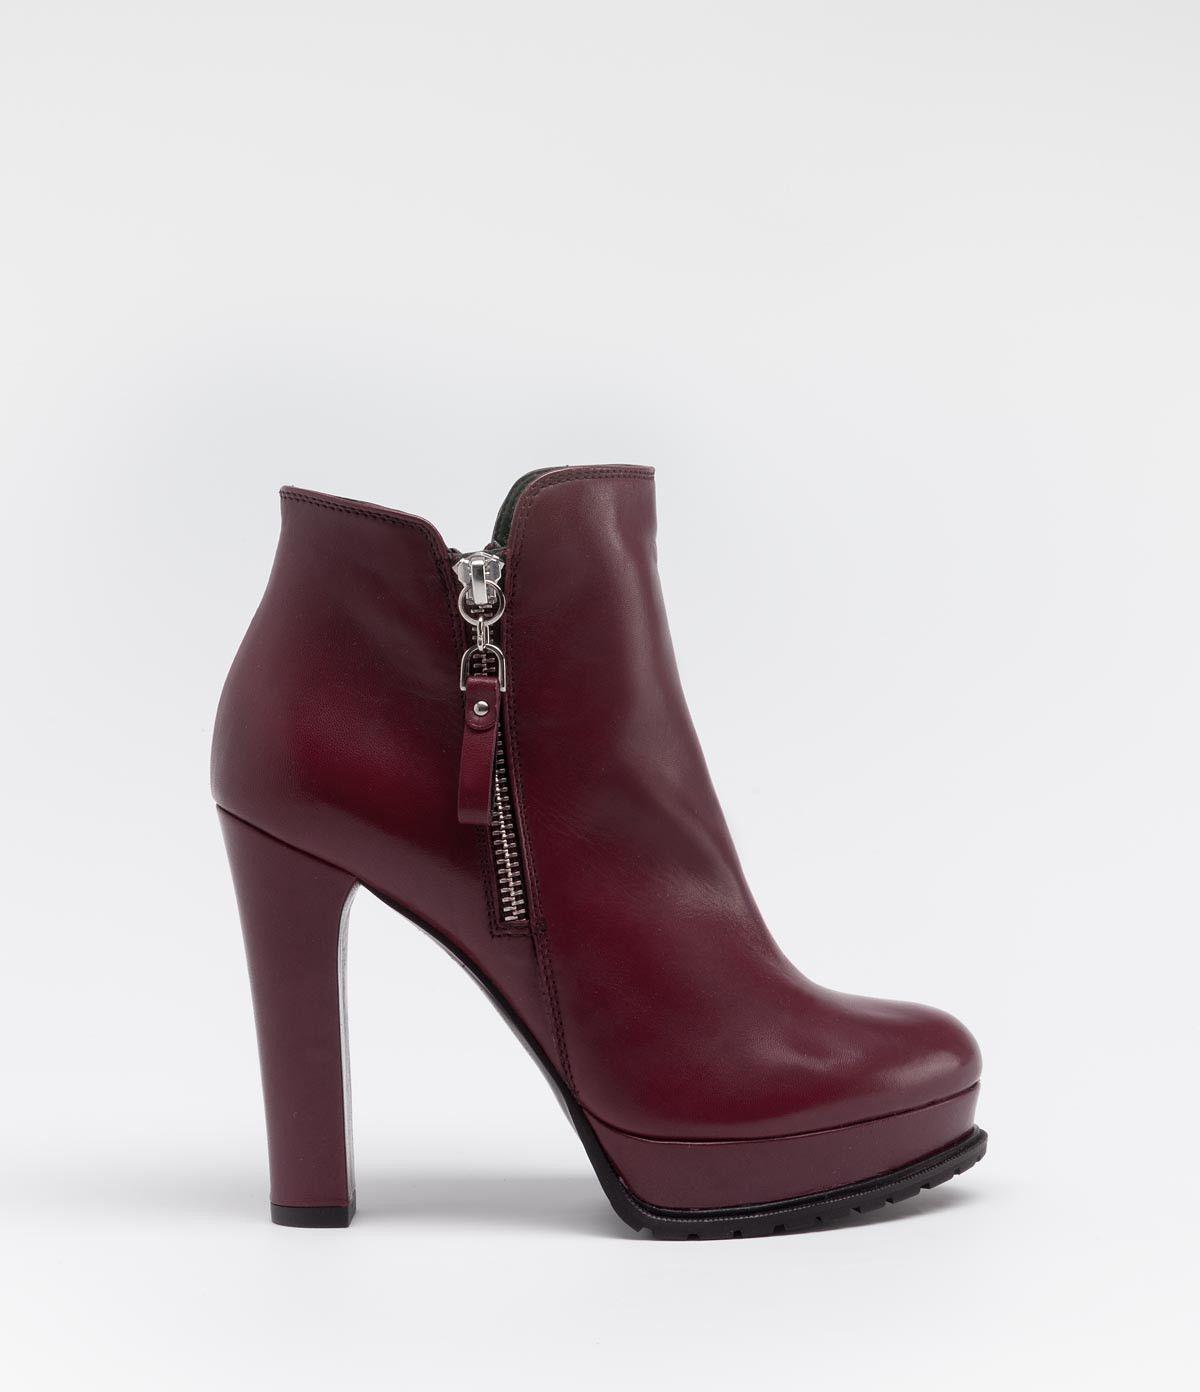 5be716dc77f7c3 Elegante Stiefelette mit Plateau und Profilsohle  poilei  shoes  bordeaux   boots   fashion